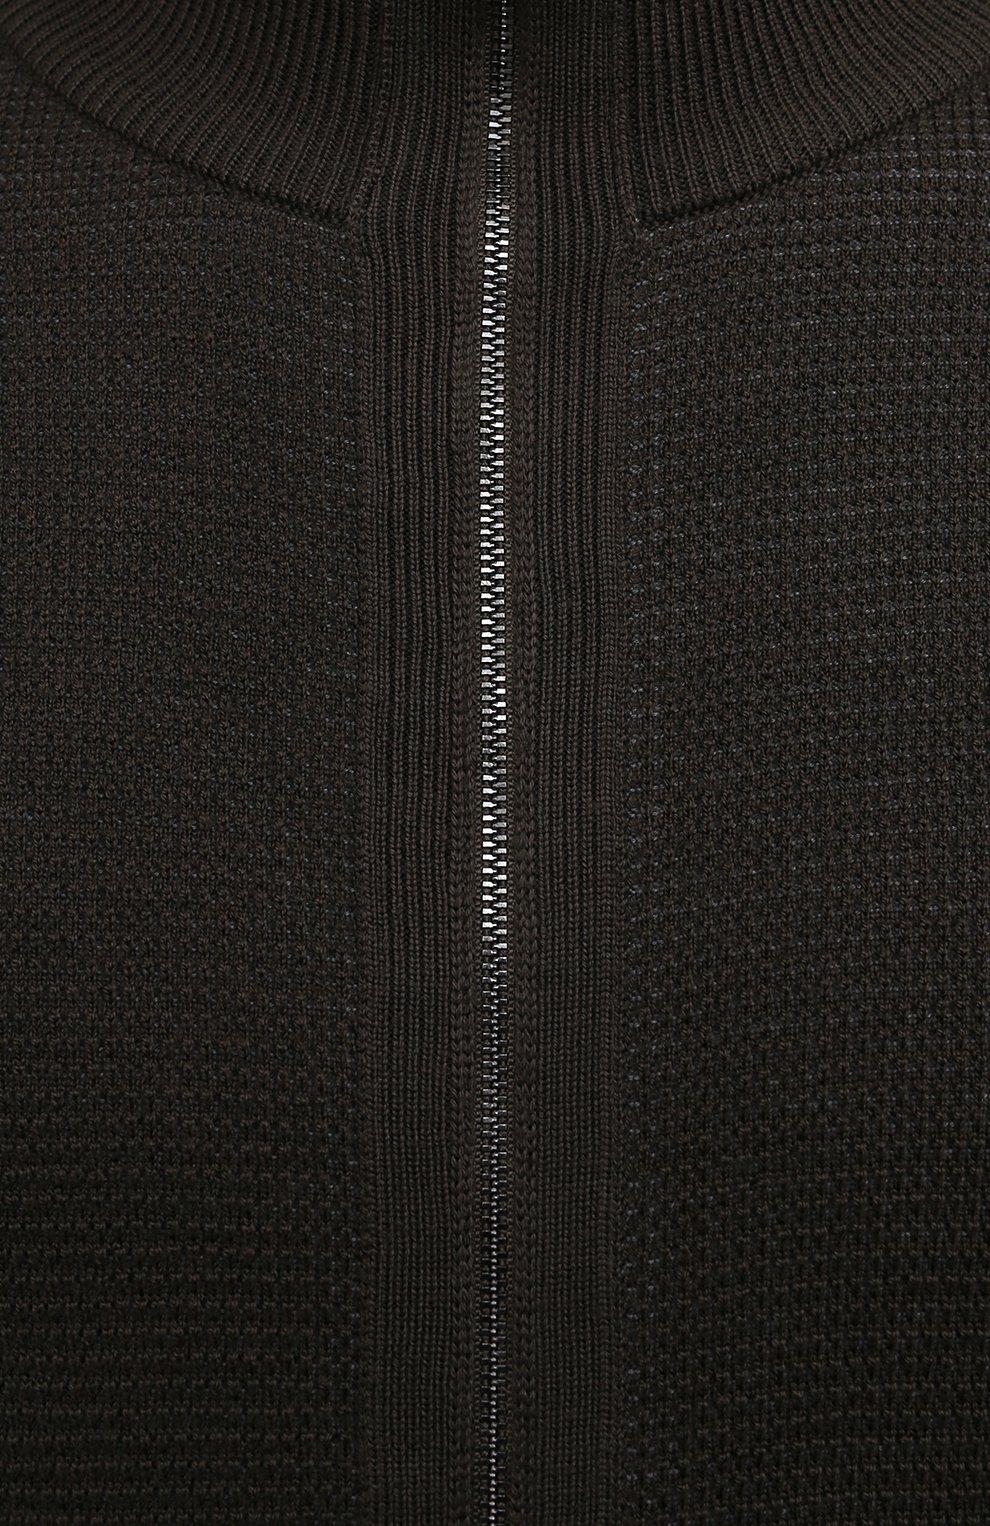 Мужской шерстяной кардиган BOSS хаки цвета, арт. 50435350 | Фото 5 (Мужское Кросс-КТ: Кардиган-одежда; Материал внешний: Шерсть; Рукава: Длинные; Длина (для топов): Стандартные; Стили: Кэжуэл)